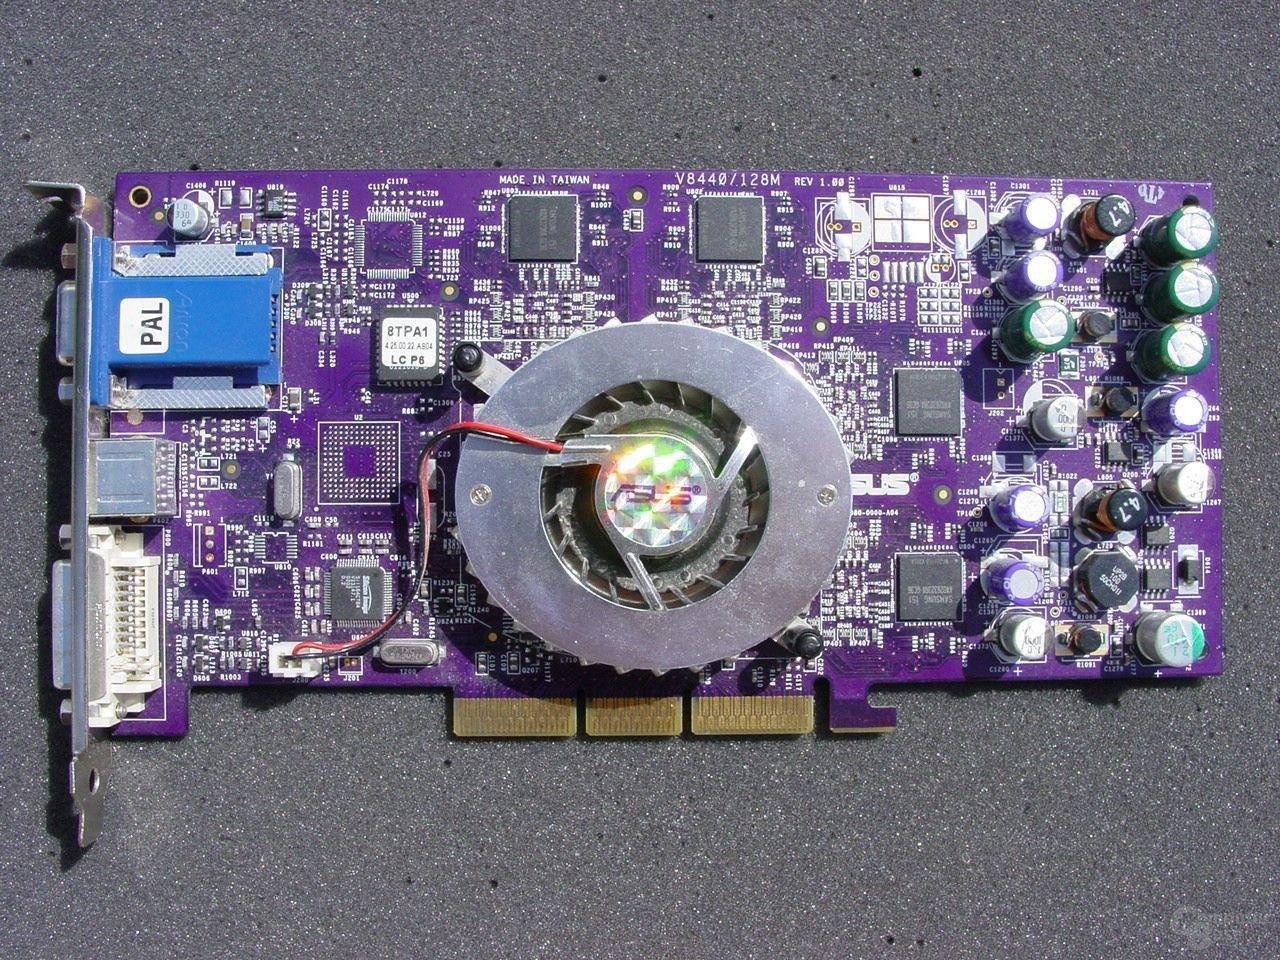 Asus GeForce 4 Ti4400